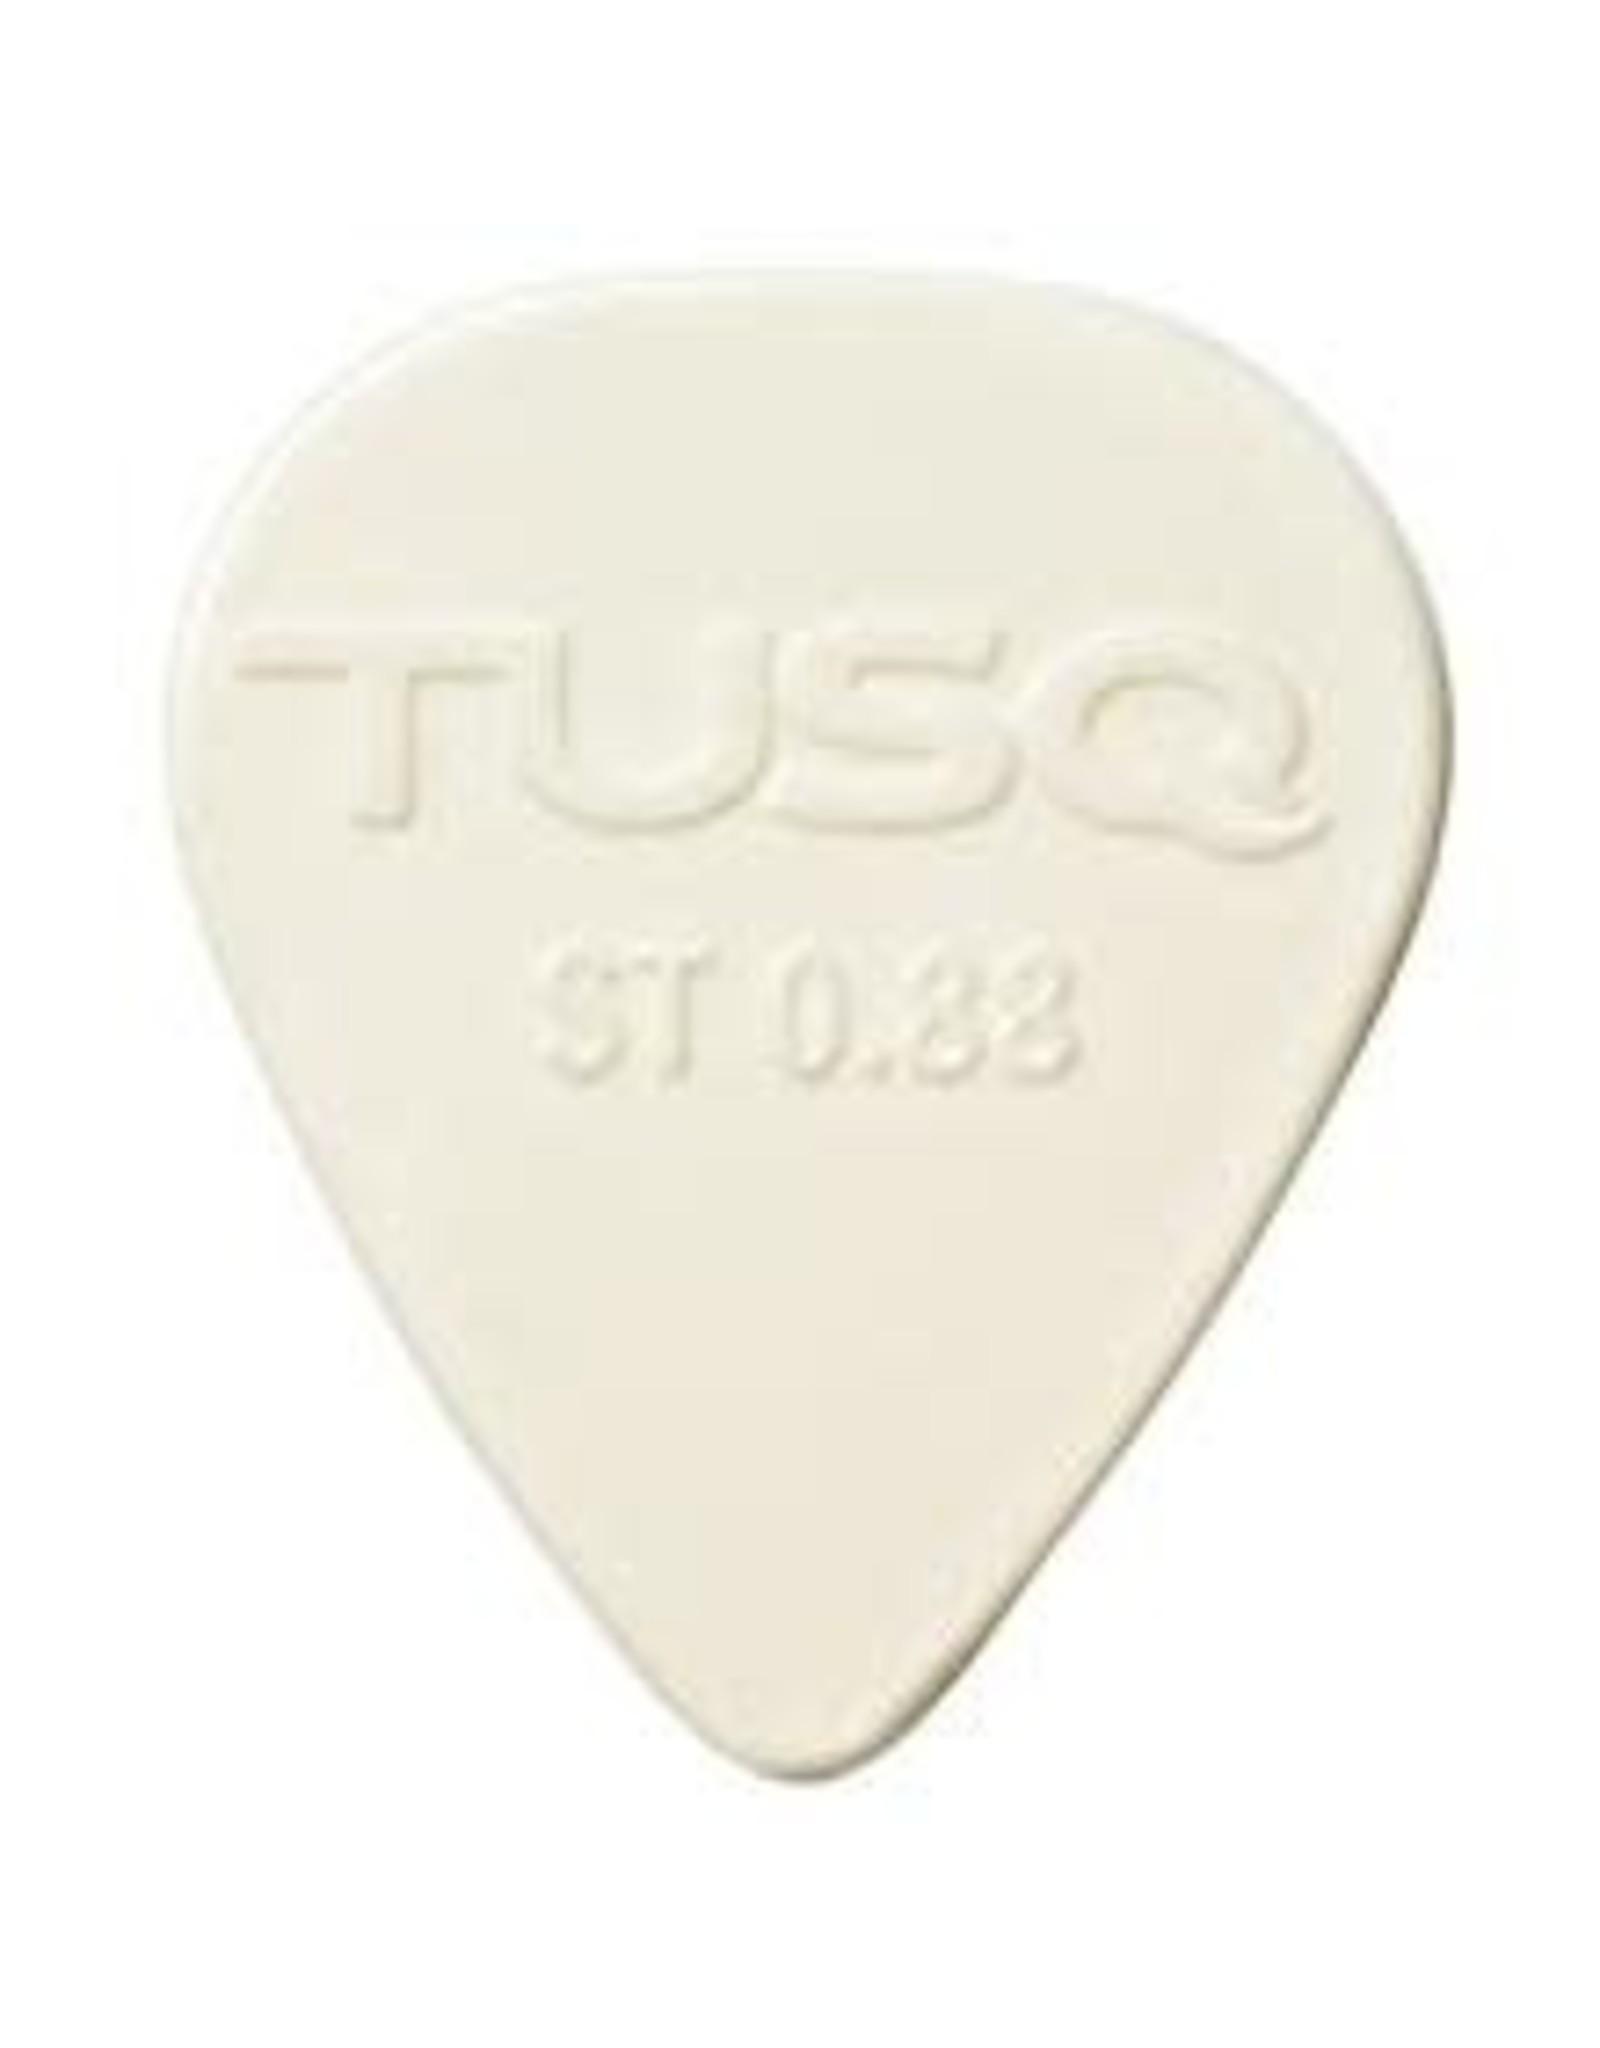 TUSQ TUSQ Stardard Pick 0.88mm BRIGHT - 6 PACK